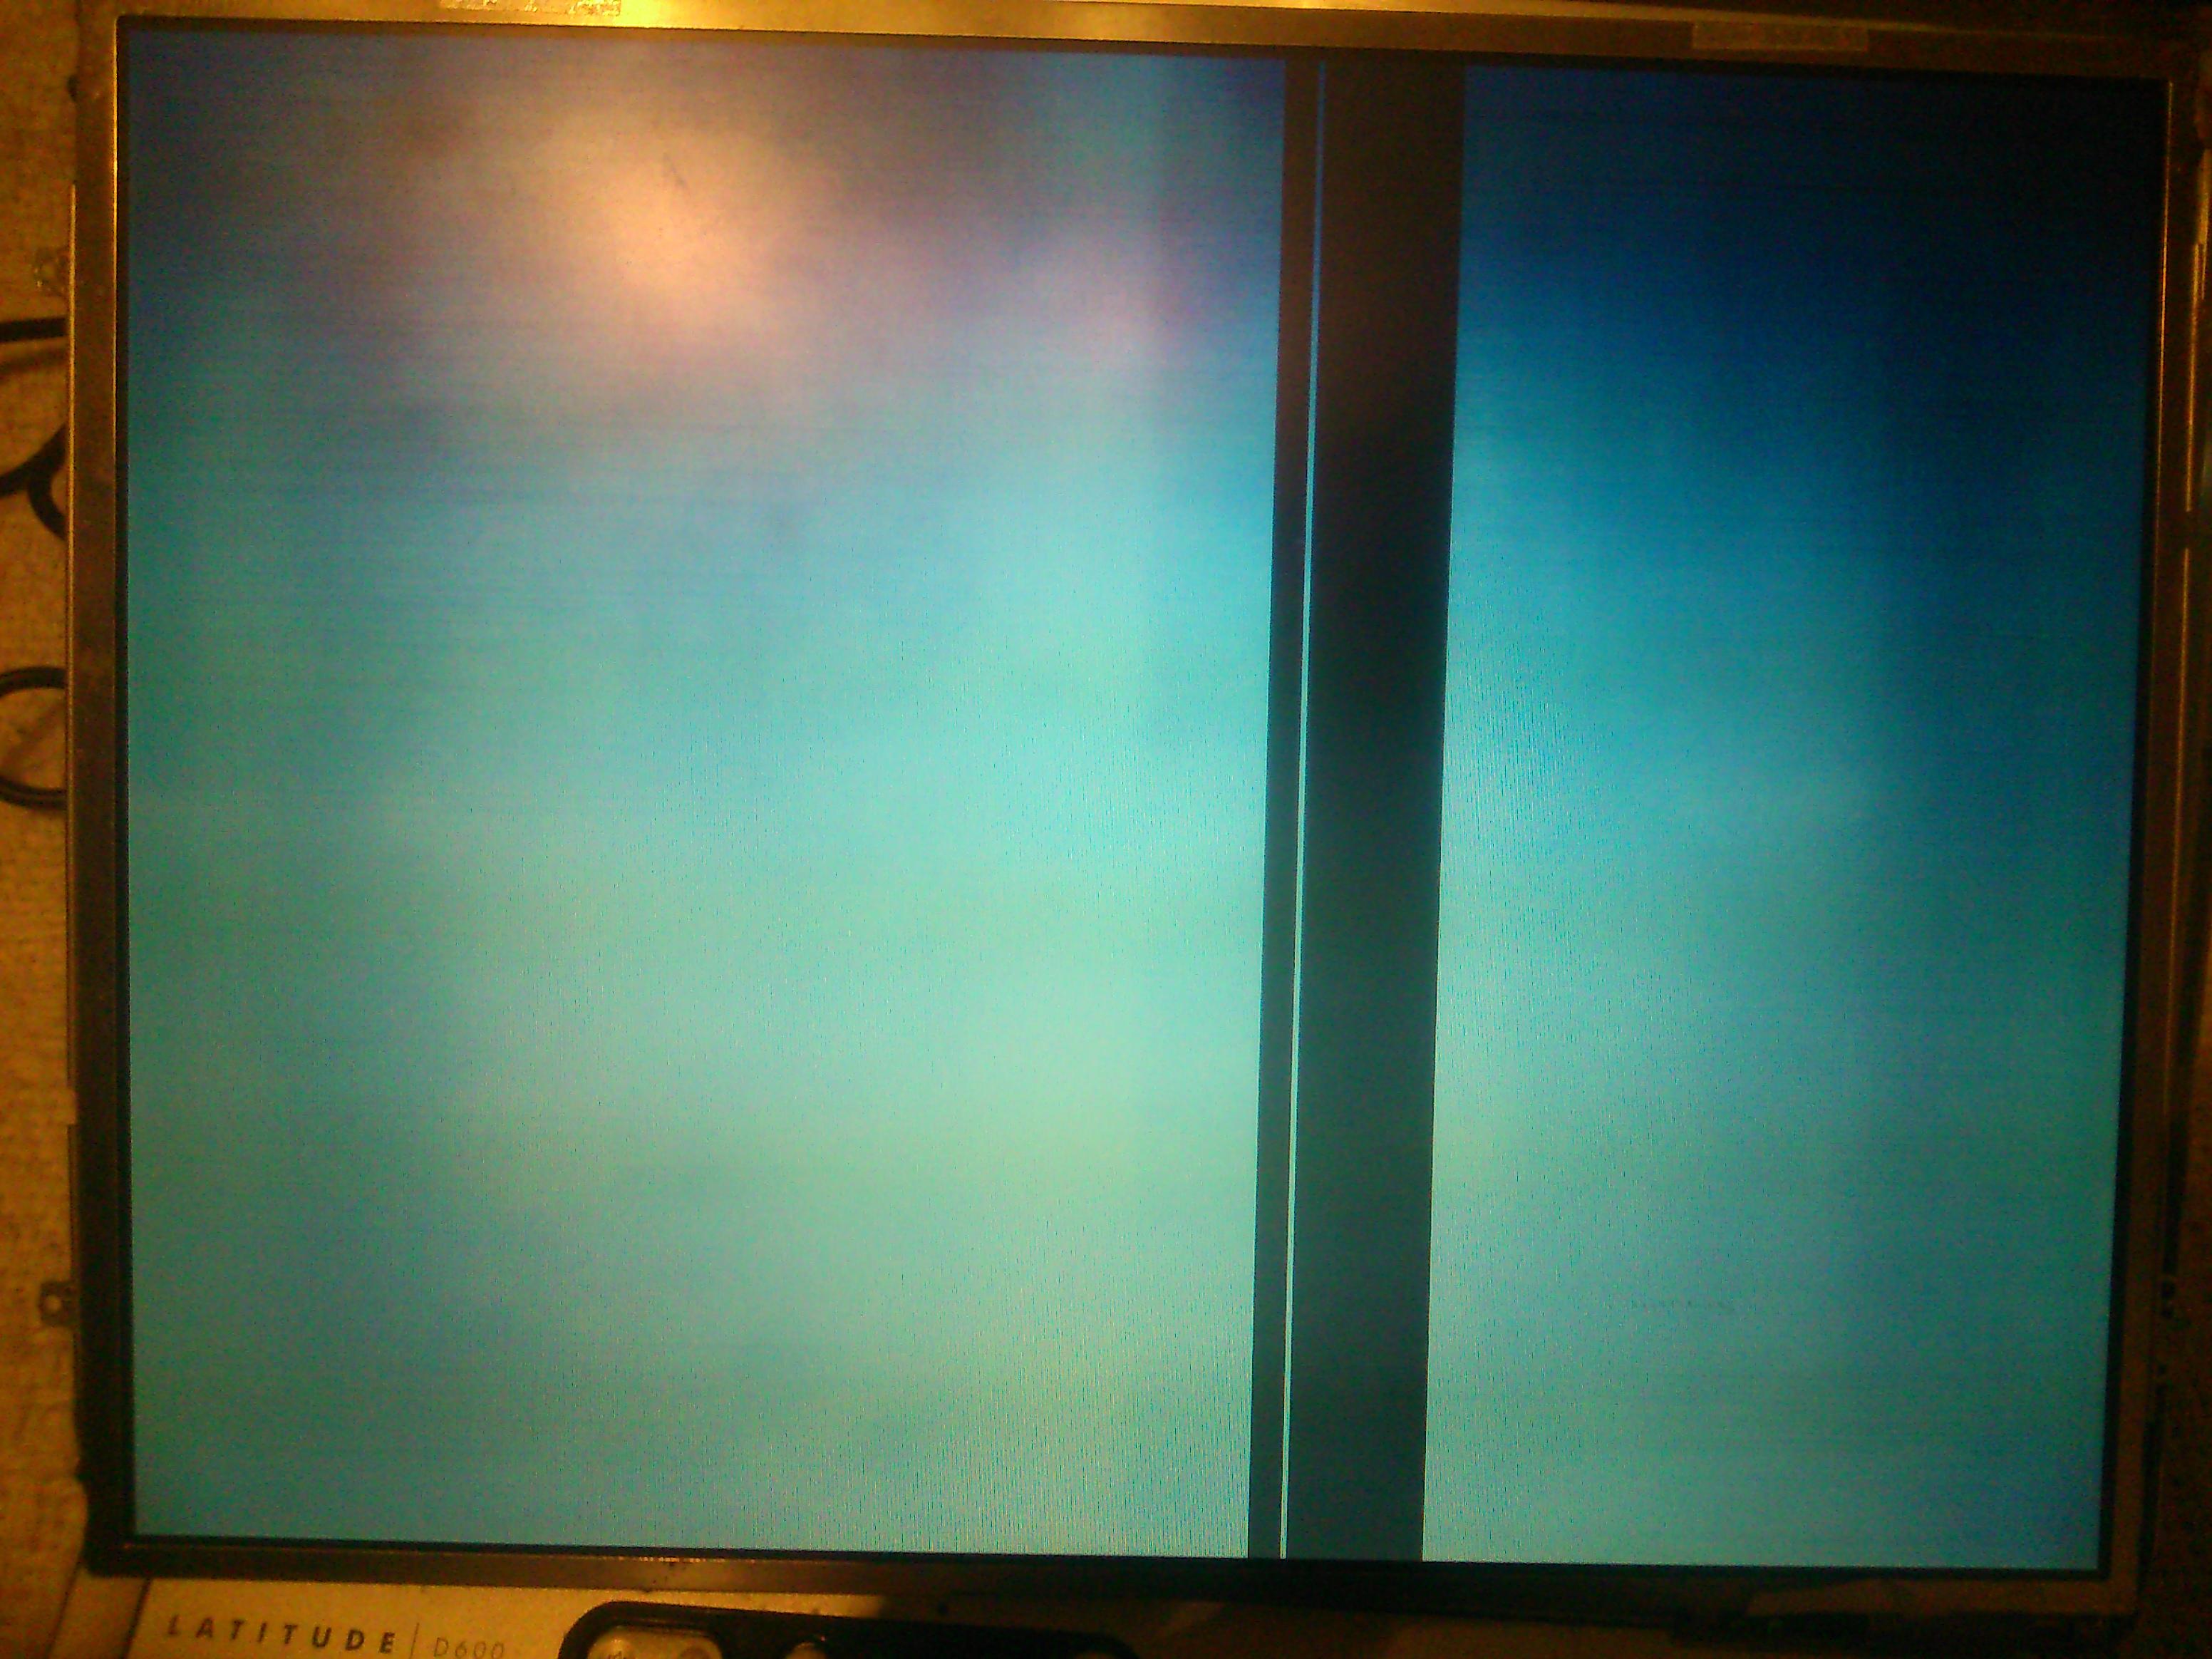 Dell d600 - nieprawidlowe dzialanie nowej matrycy